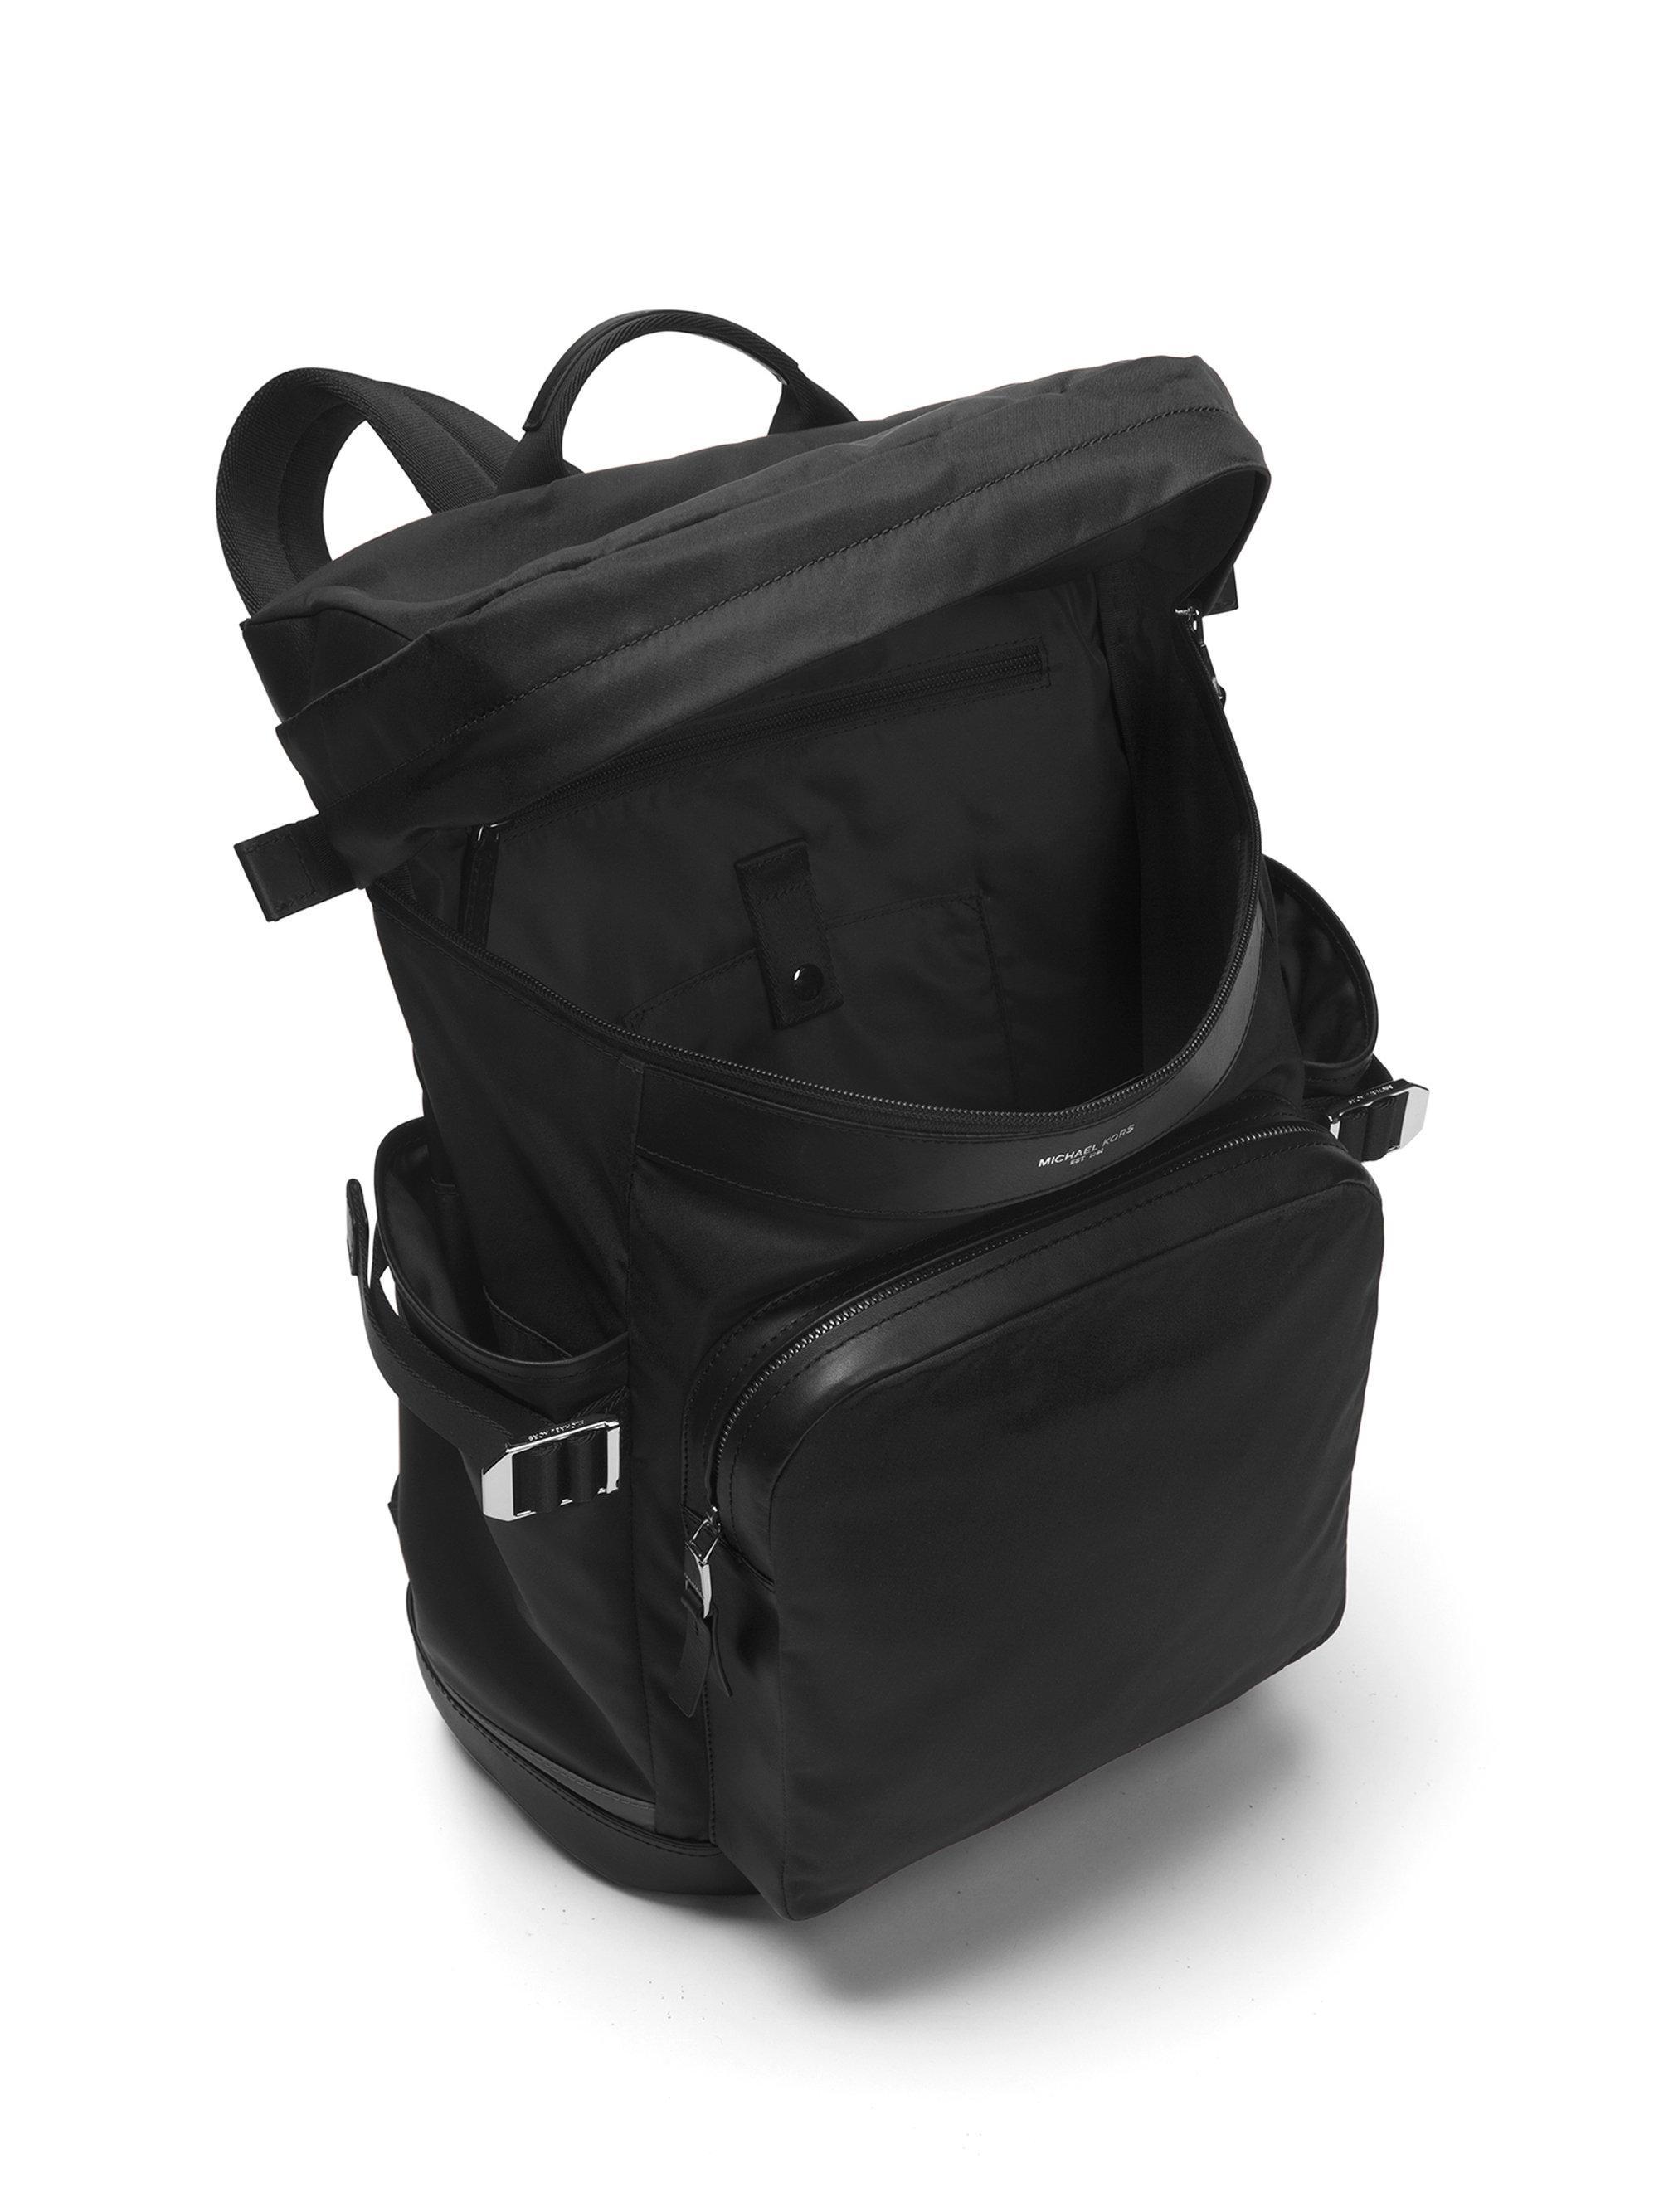 5dc3058a7b76 Lyst - Michael Kors Kent Trimmed Backpack in Black for Men